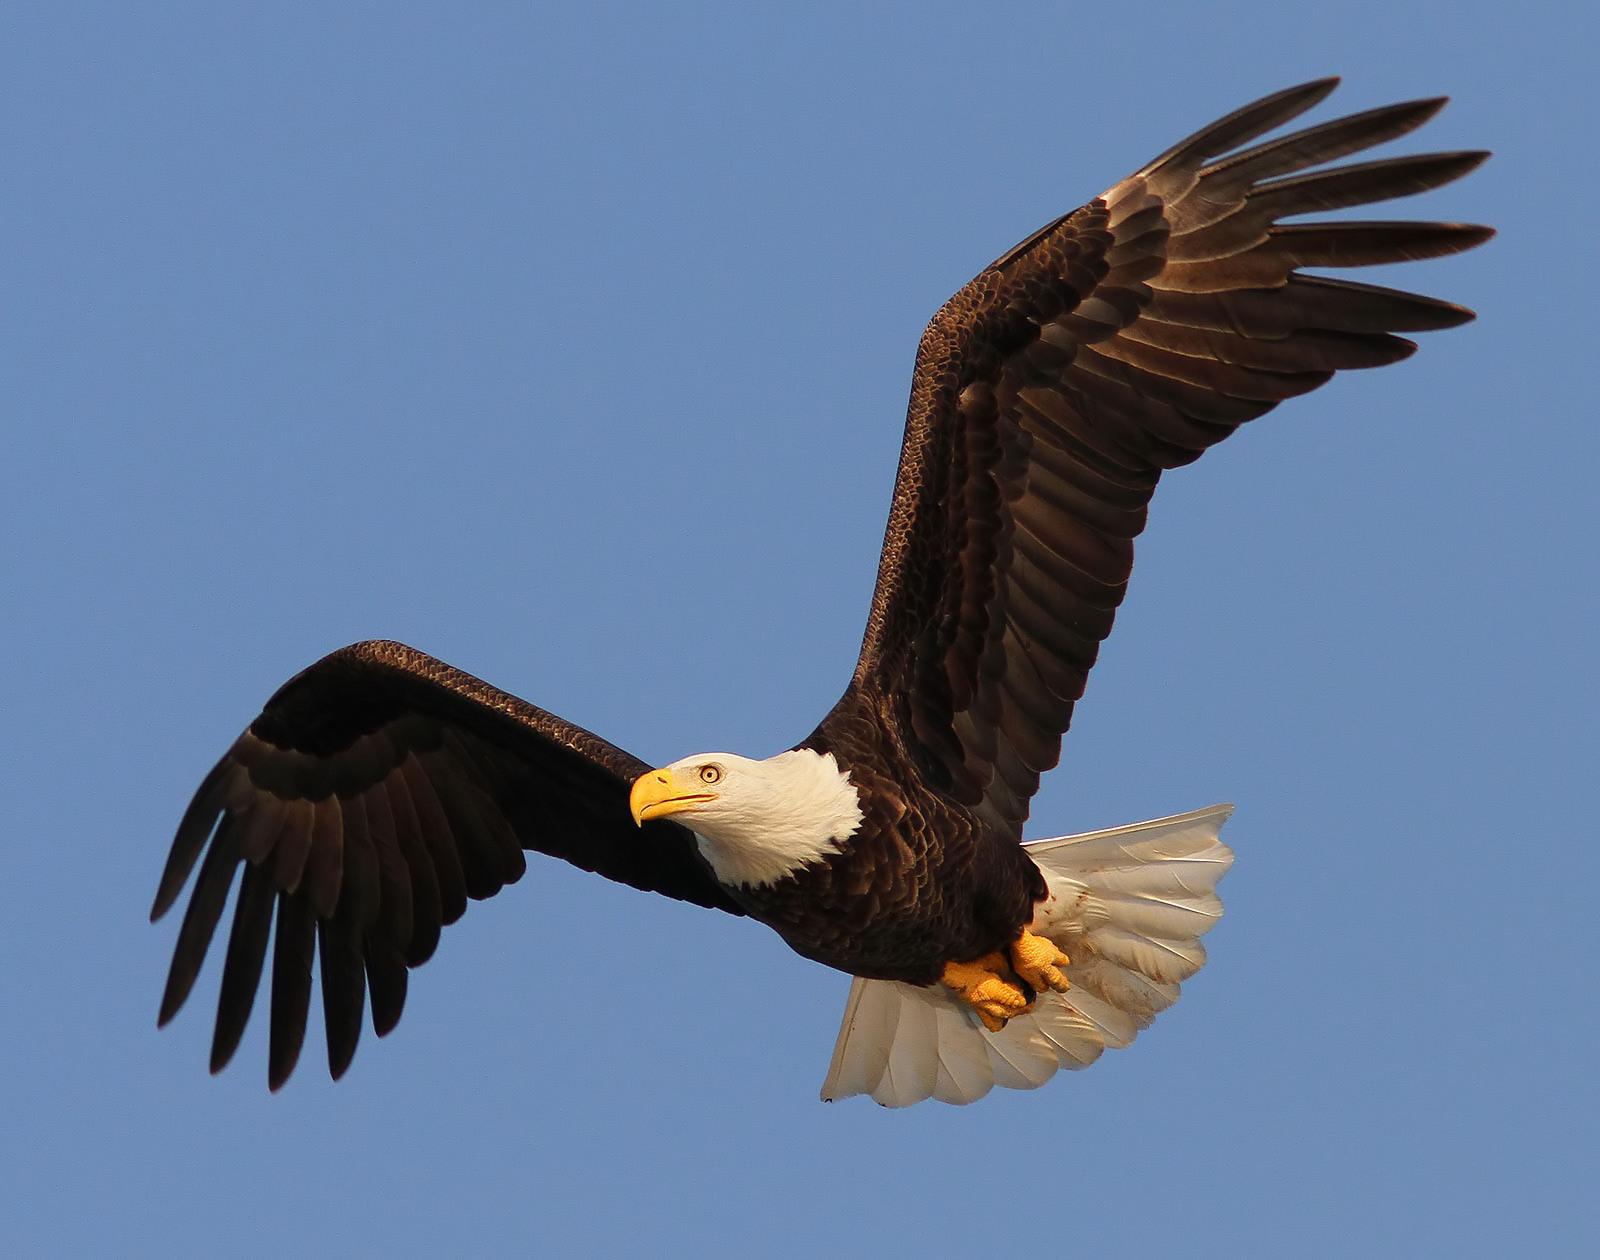 Tuxedo Wallpaper Hd Bald Eagle Photos Phil Lanoue Photography